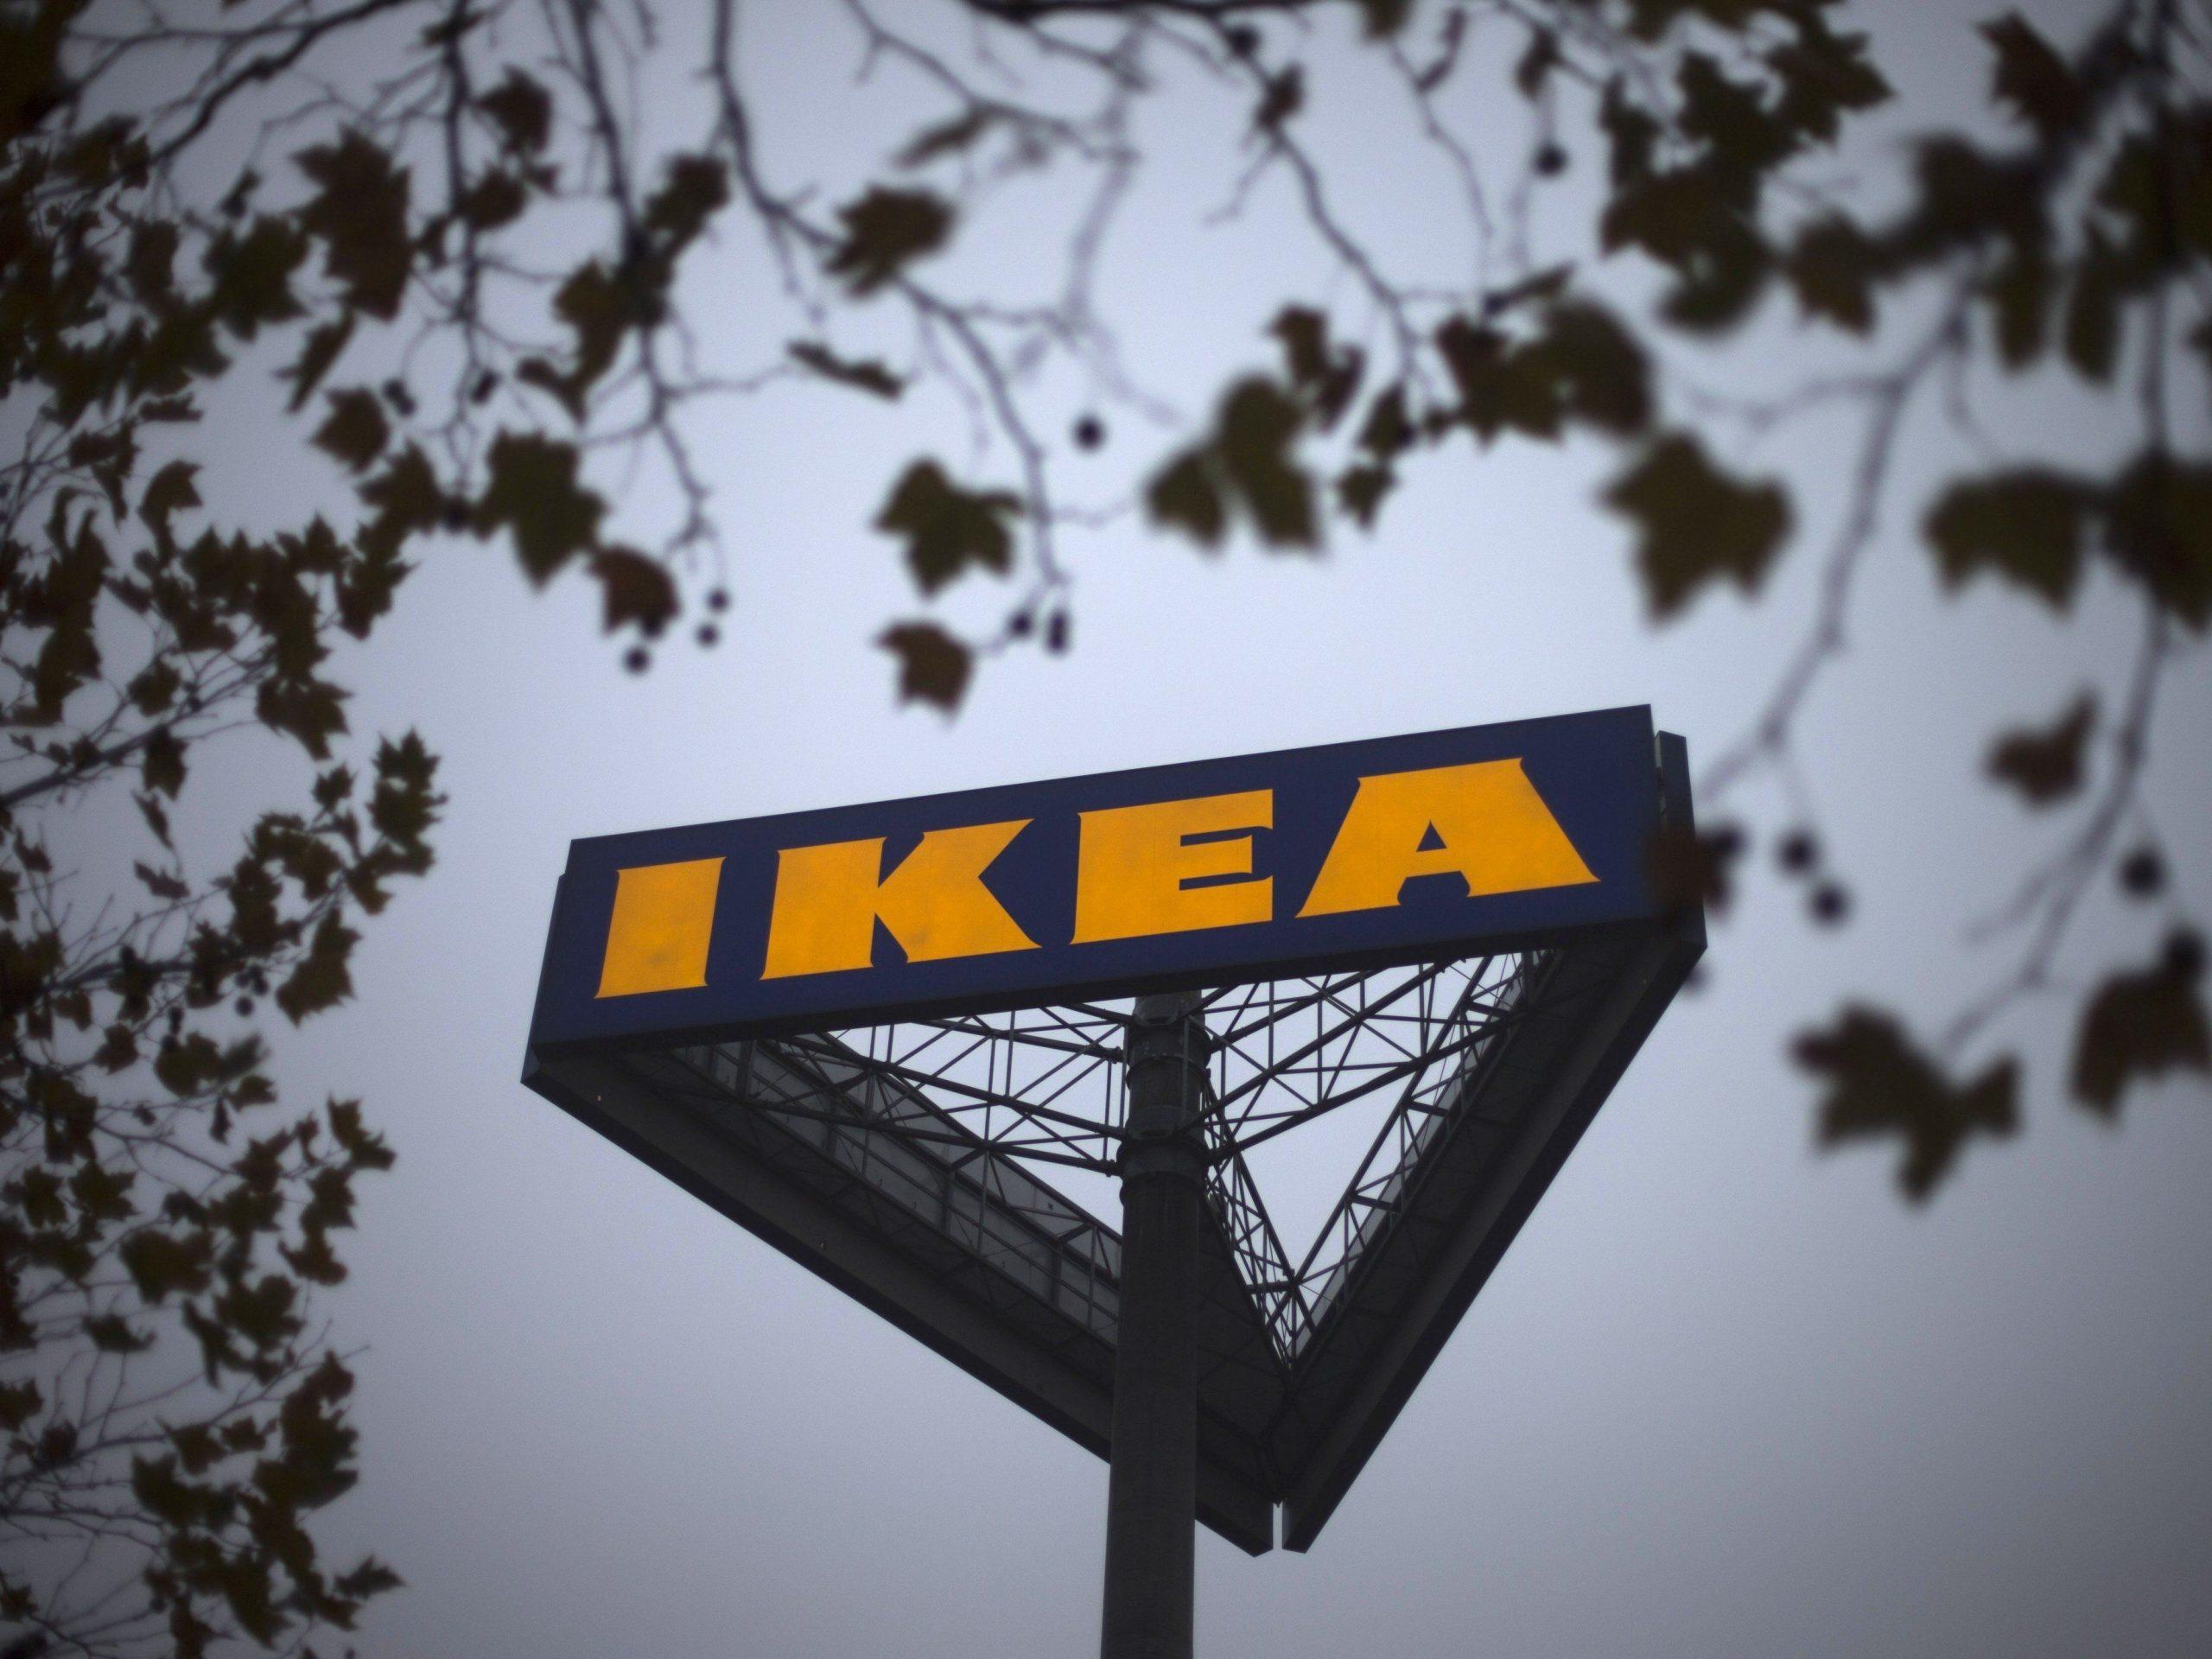 Full Size of Ikea Ruft Liegestuhl Zurck Sterreich Viennaat Betten 160x200 Küche Kaufen Kosten Miniküche Garten Bei Sofa Mit Schlaffunktion Modulküche Wohnzimmer Ikea Liegestuhl